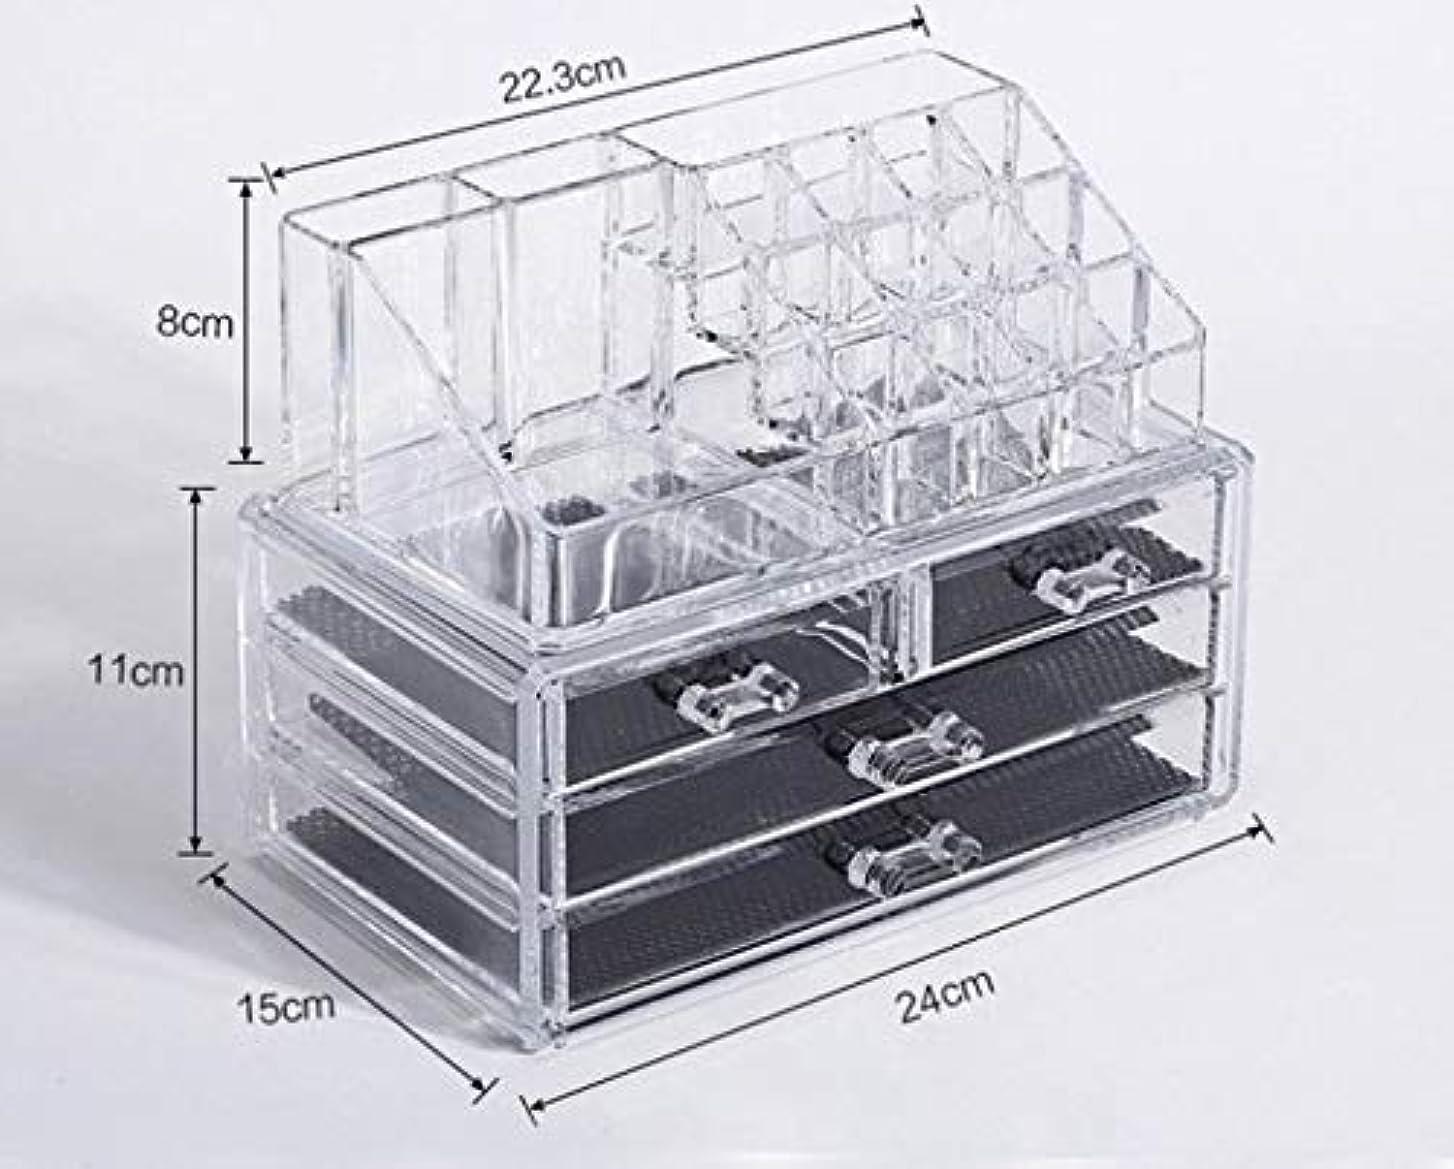 アジャ異邦人マウントバンク化粧品収納ボックス メイクボックス 化粧品 収納 ニオイなし 騒音なし 防塵 高透明度 強い耐久性